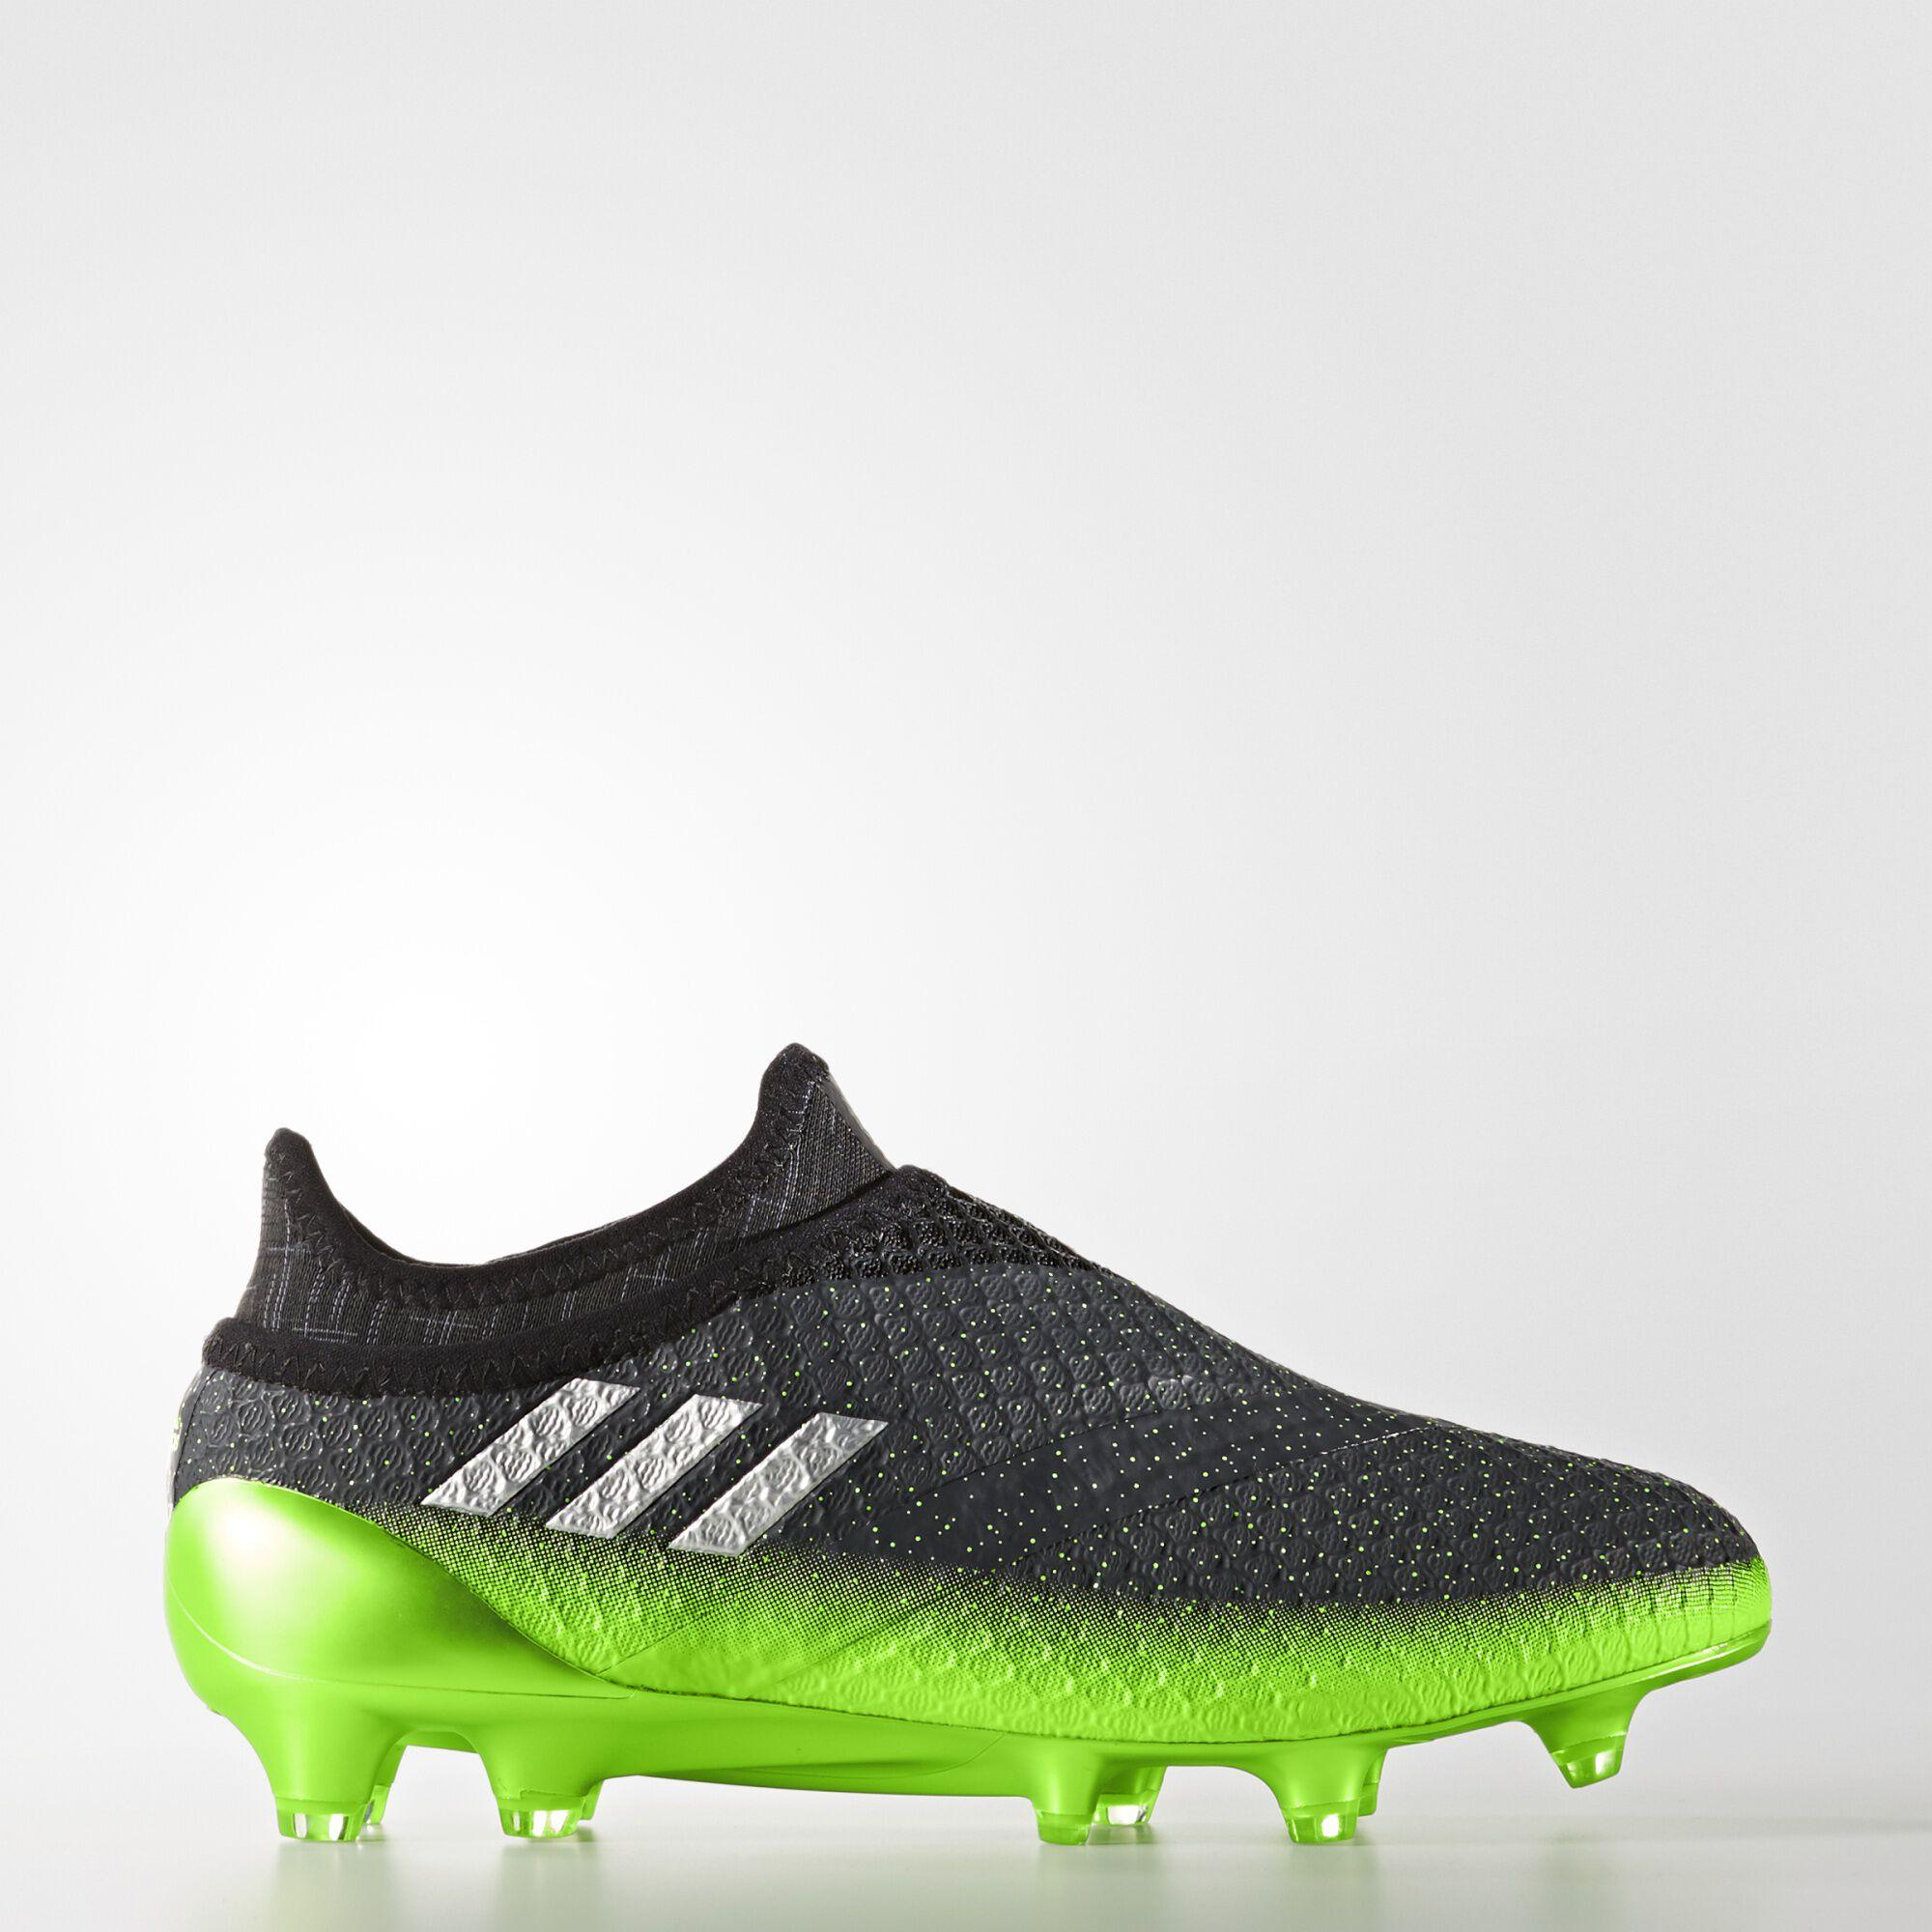 Adidas Messi 16+ Pureagility